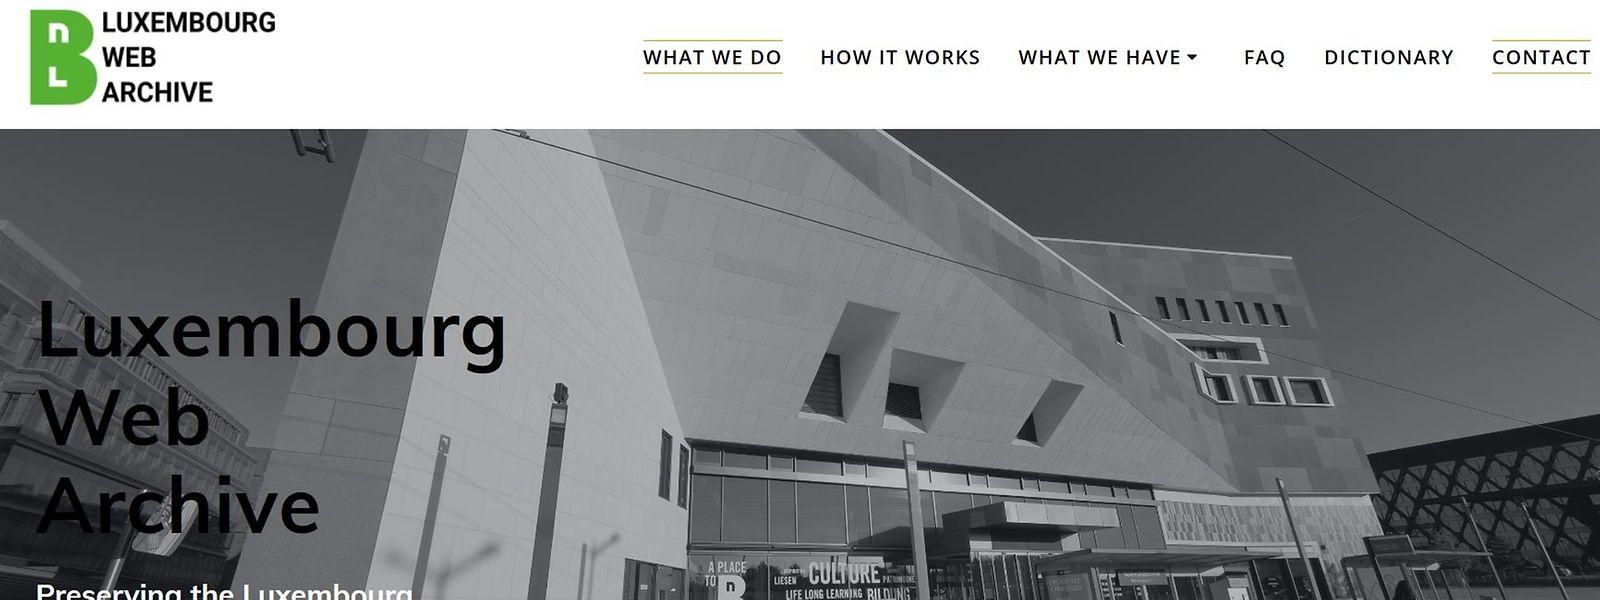 Le nouveau site webarchive de la BnL n'est actuellement disponible qu'en anglais